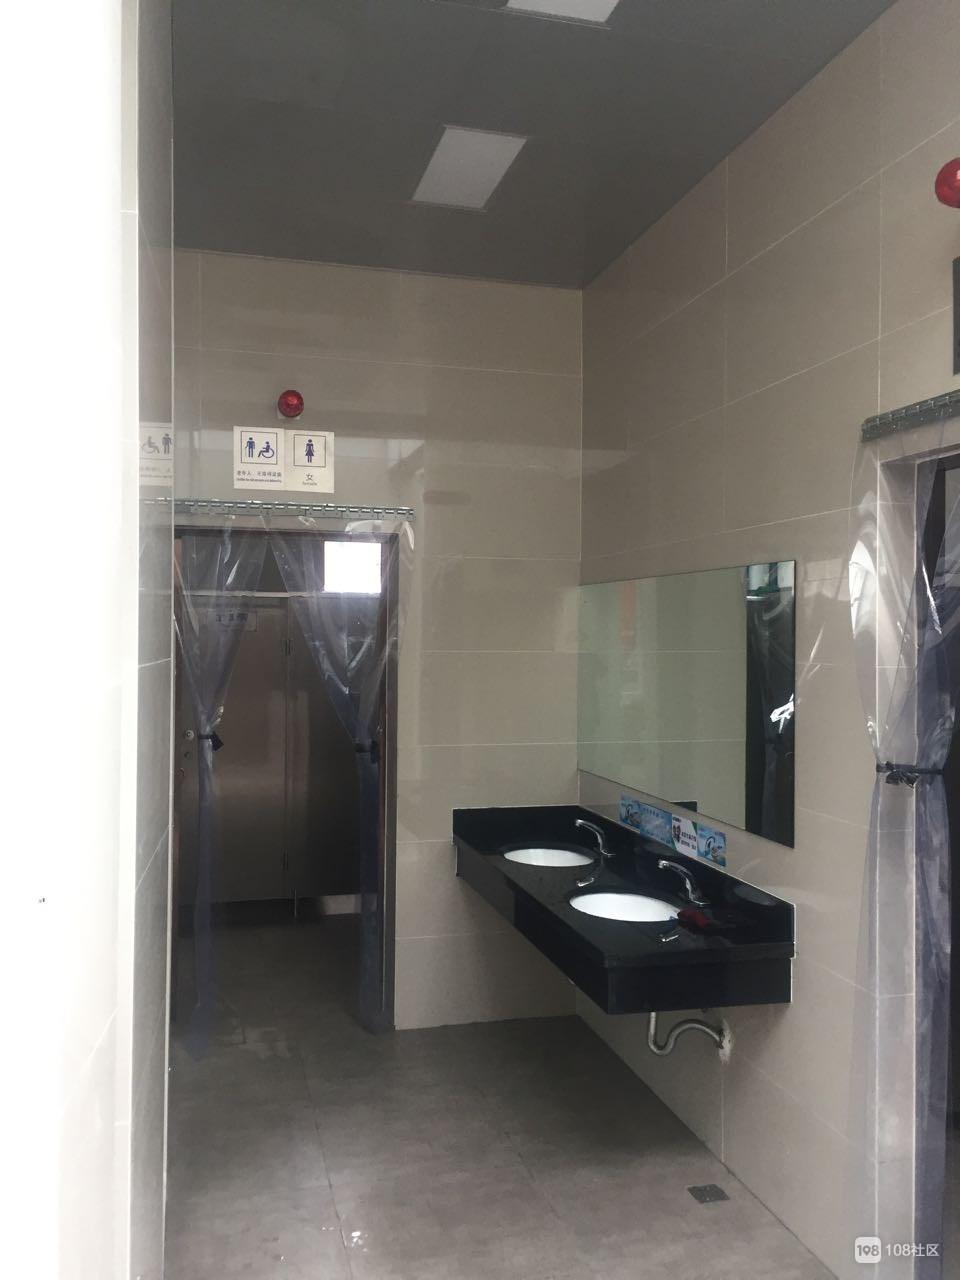 点赞!街心公园终于建厕所了 还配备专职保洁员